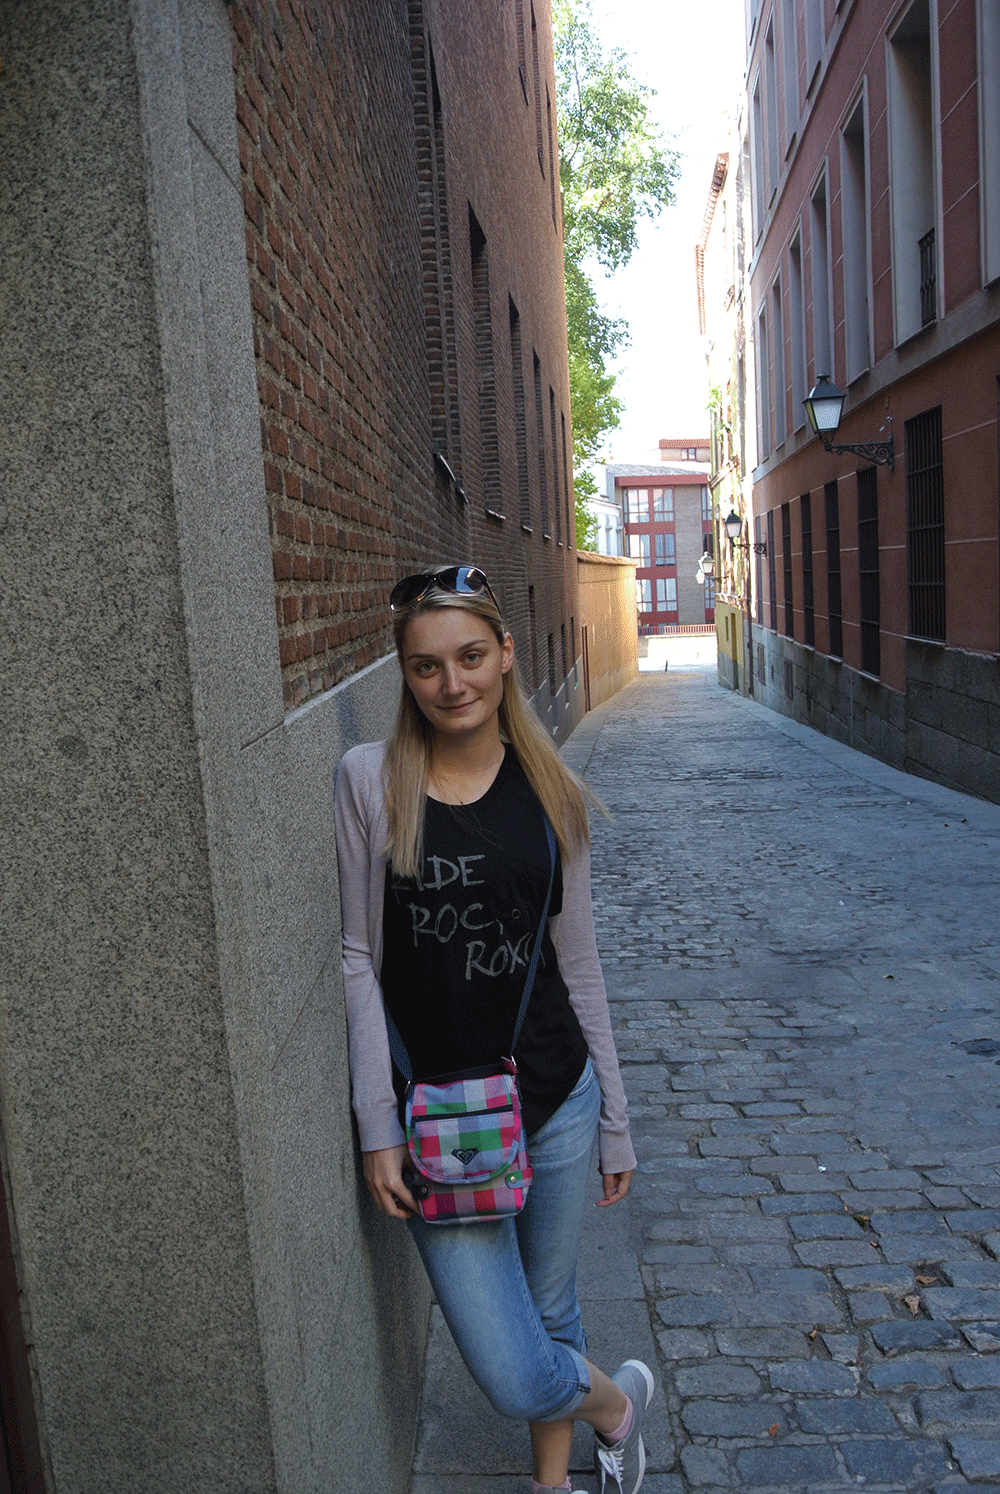 Sanırım sadece dar sokaklarını sevdim :)